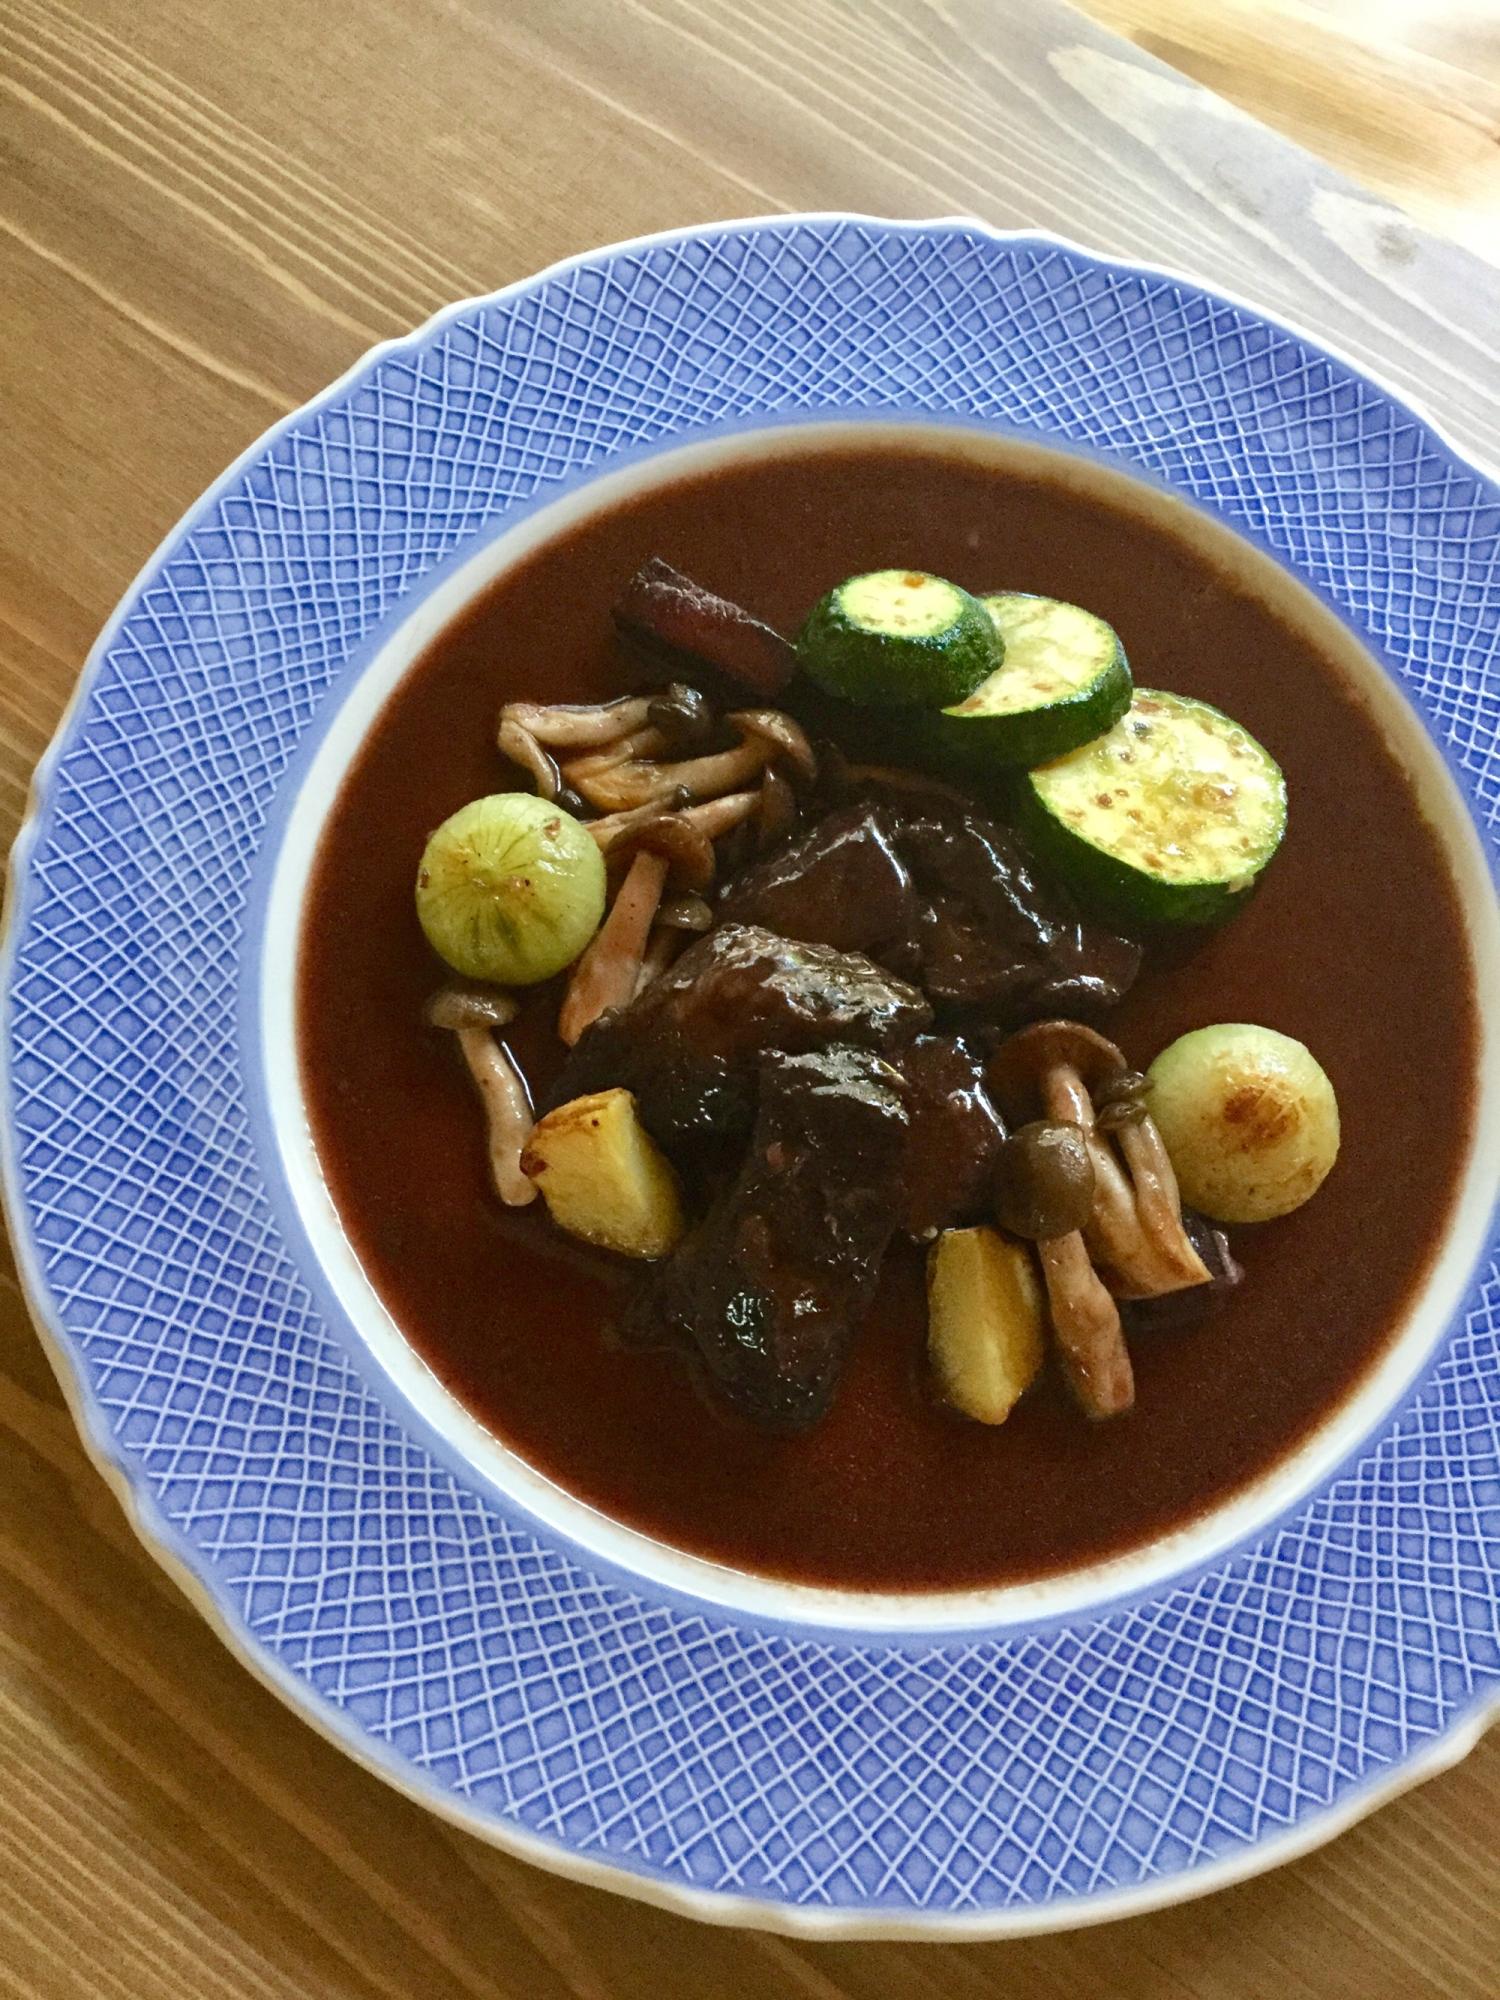 3. マリネして作る牛ほほ肉の赤ワイン煮込み